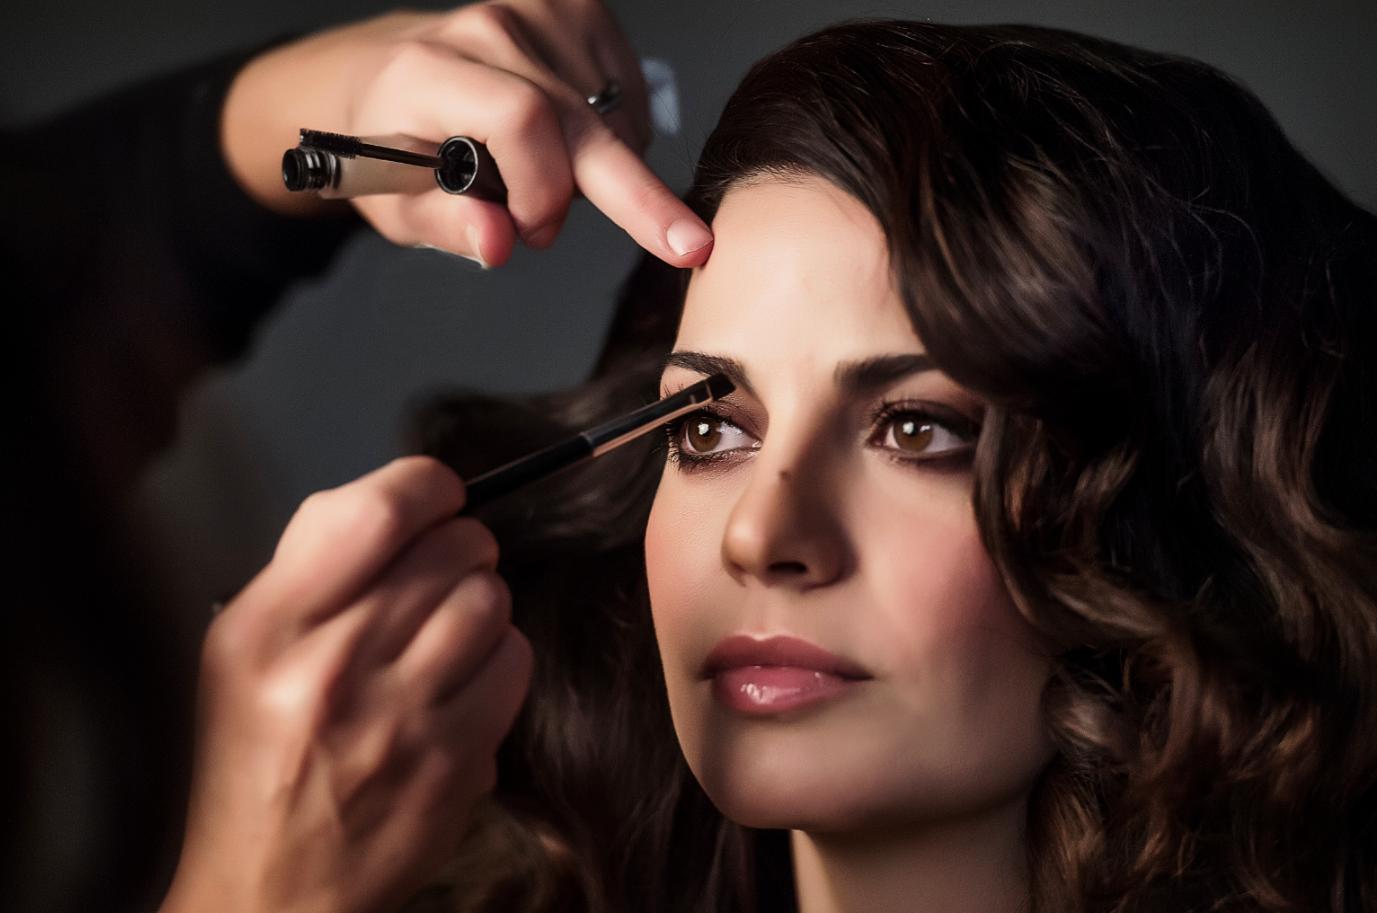 Maschere o vitamine per crescita di capelli